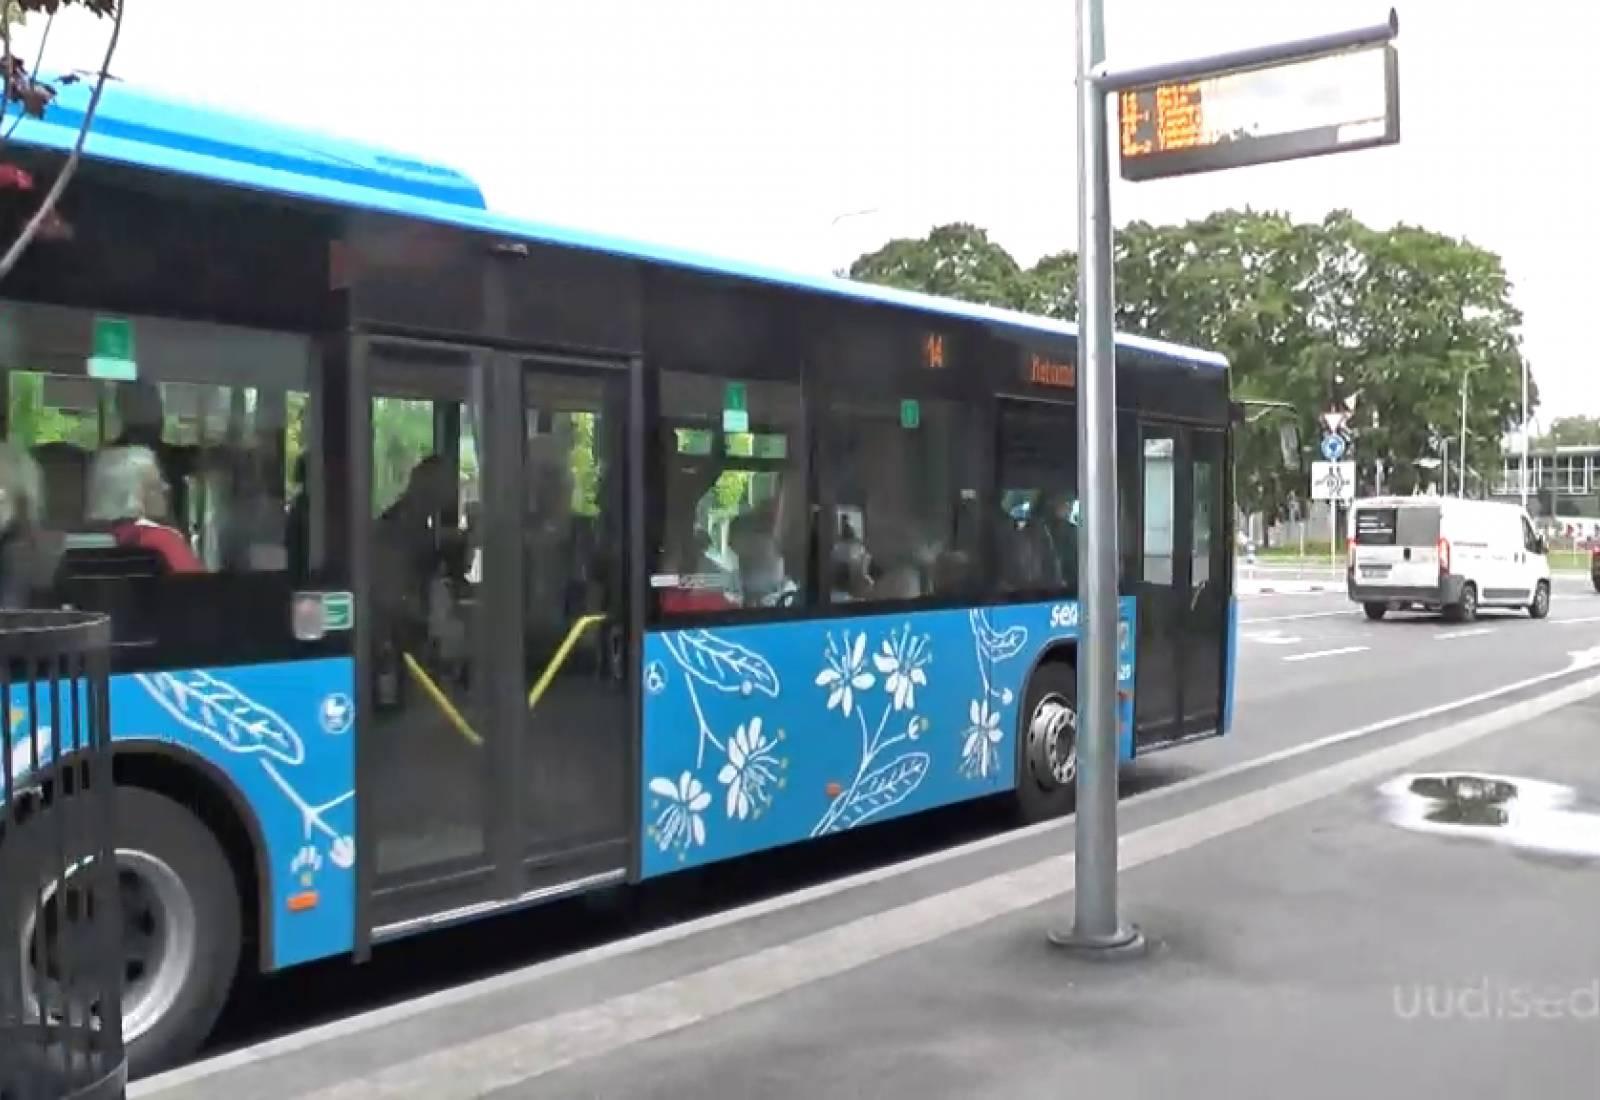 VIDEO! Maakonnaliinidel alustas tasuta bussiliiklus: mida arvavad sellest kohalikud elanikud?